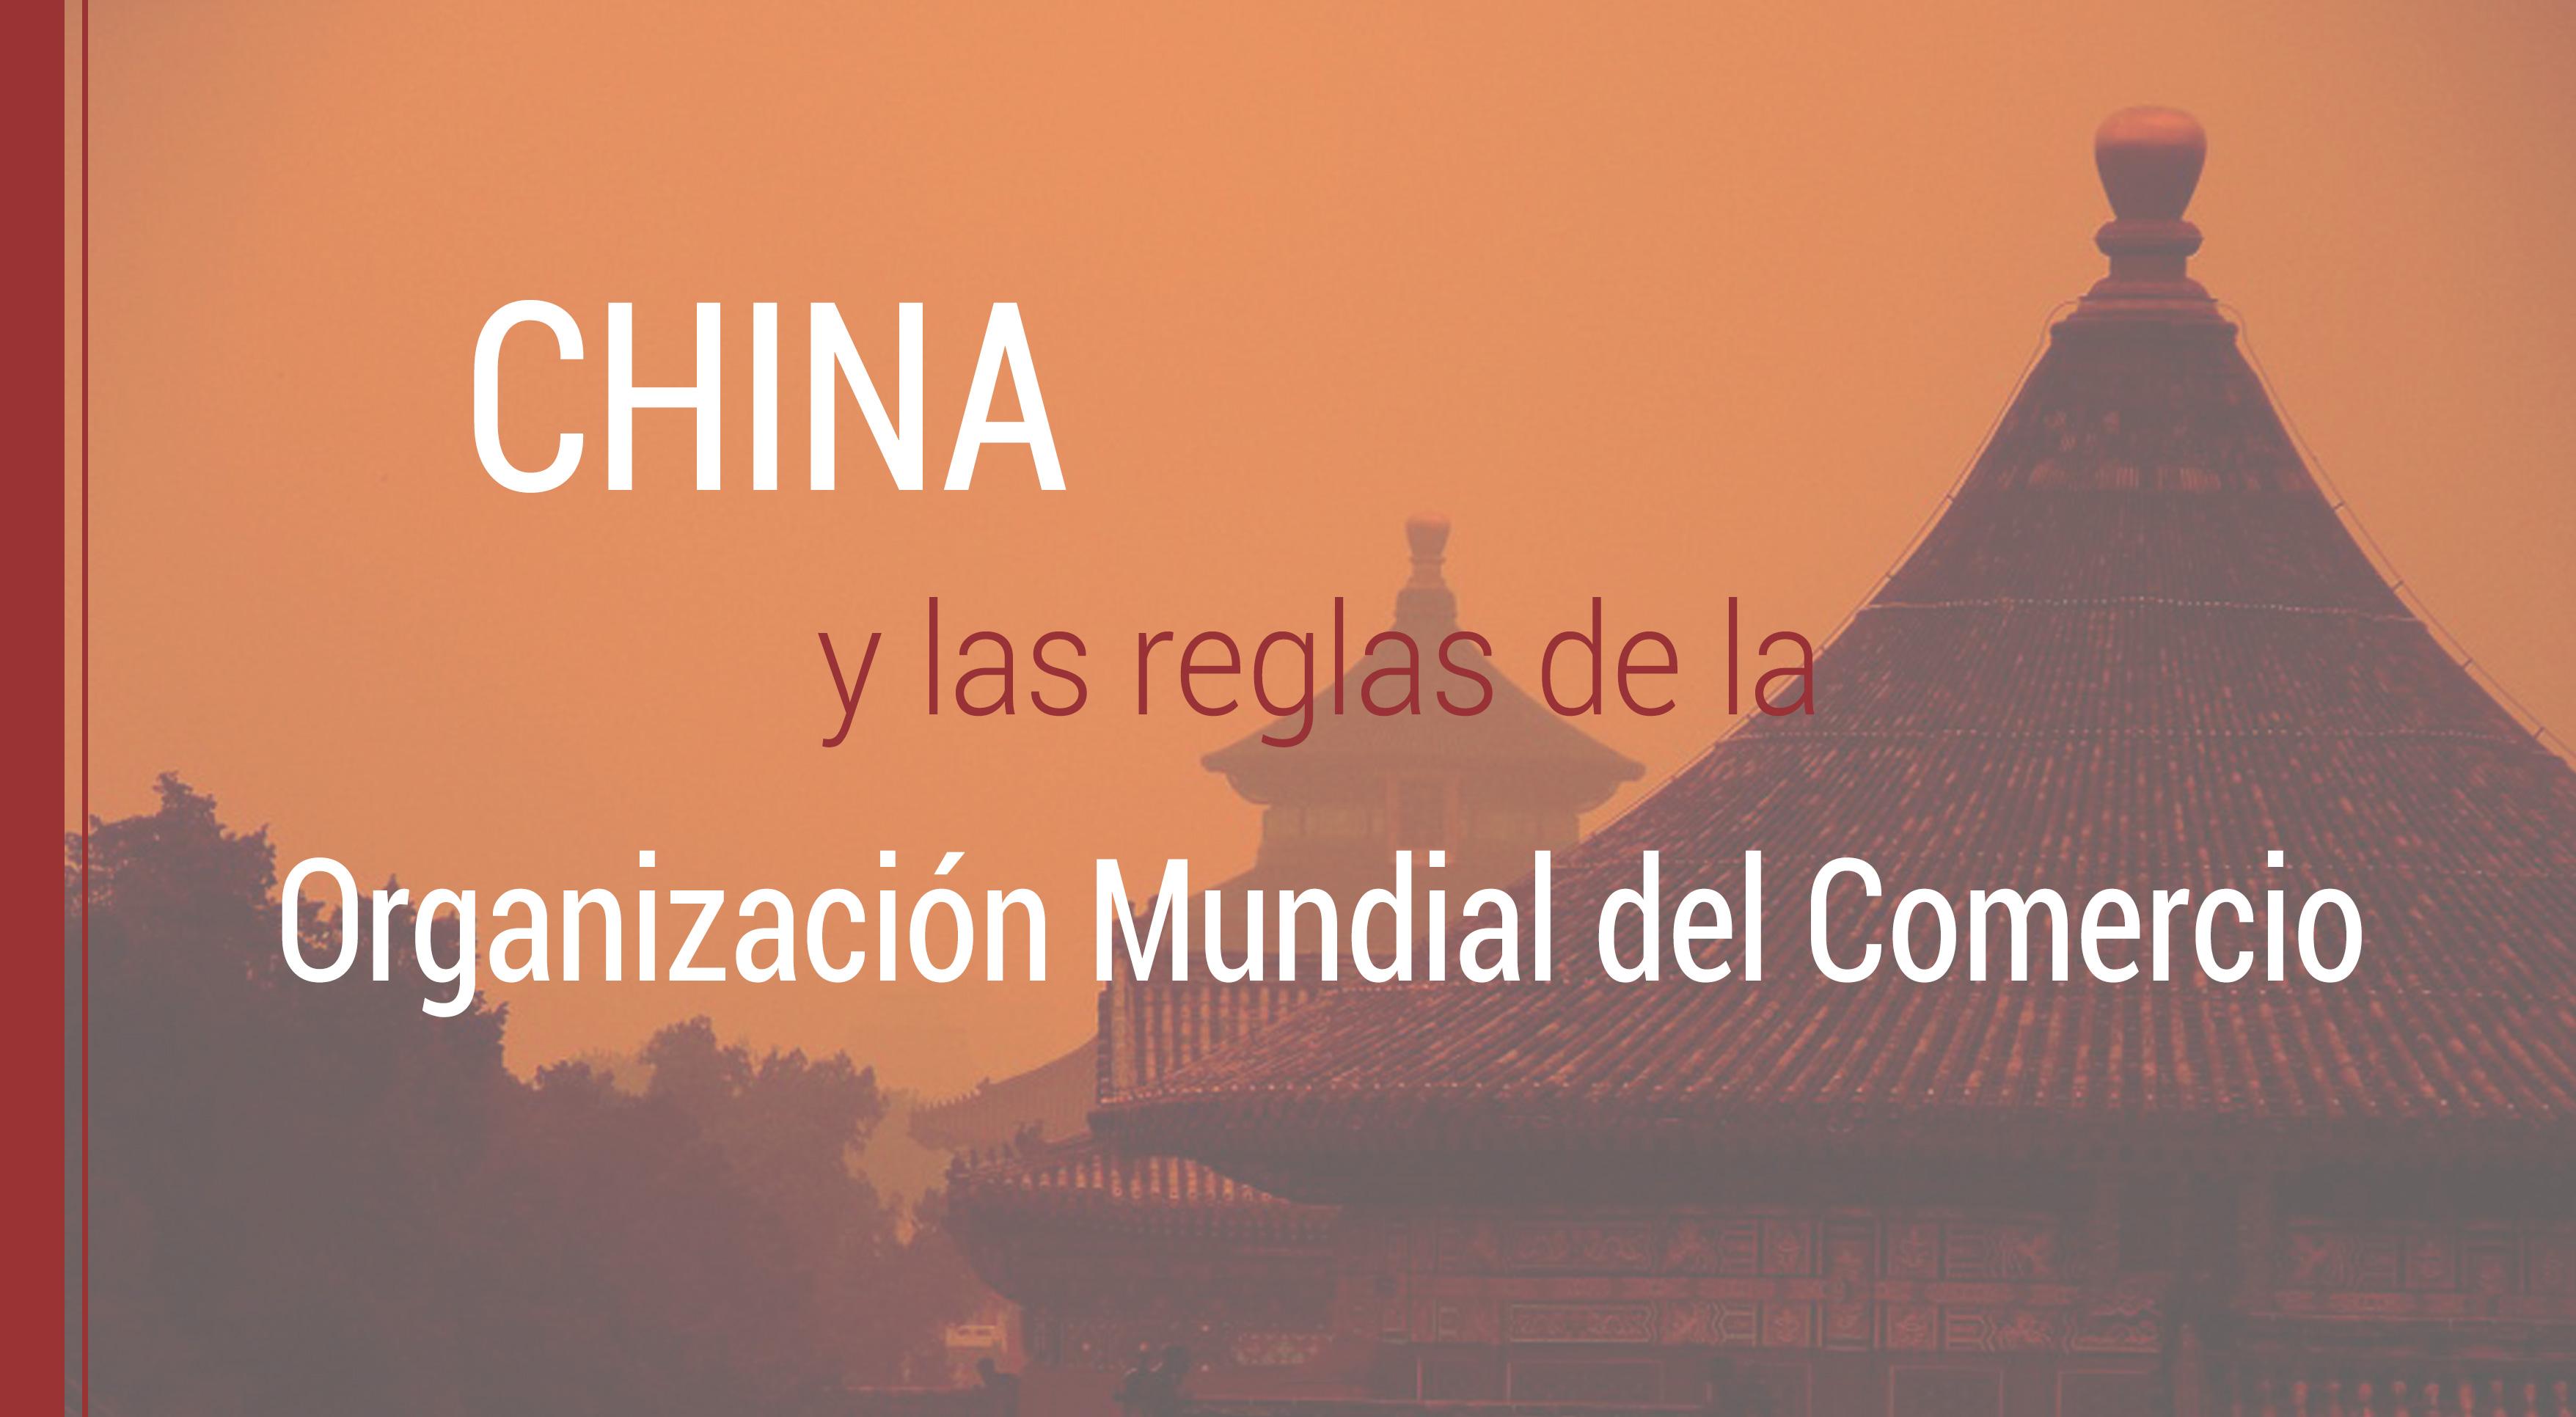 china-reglas-organizacion-mundial-de-comercio China y las reglas de la Organización Mundial del Comercio